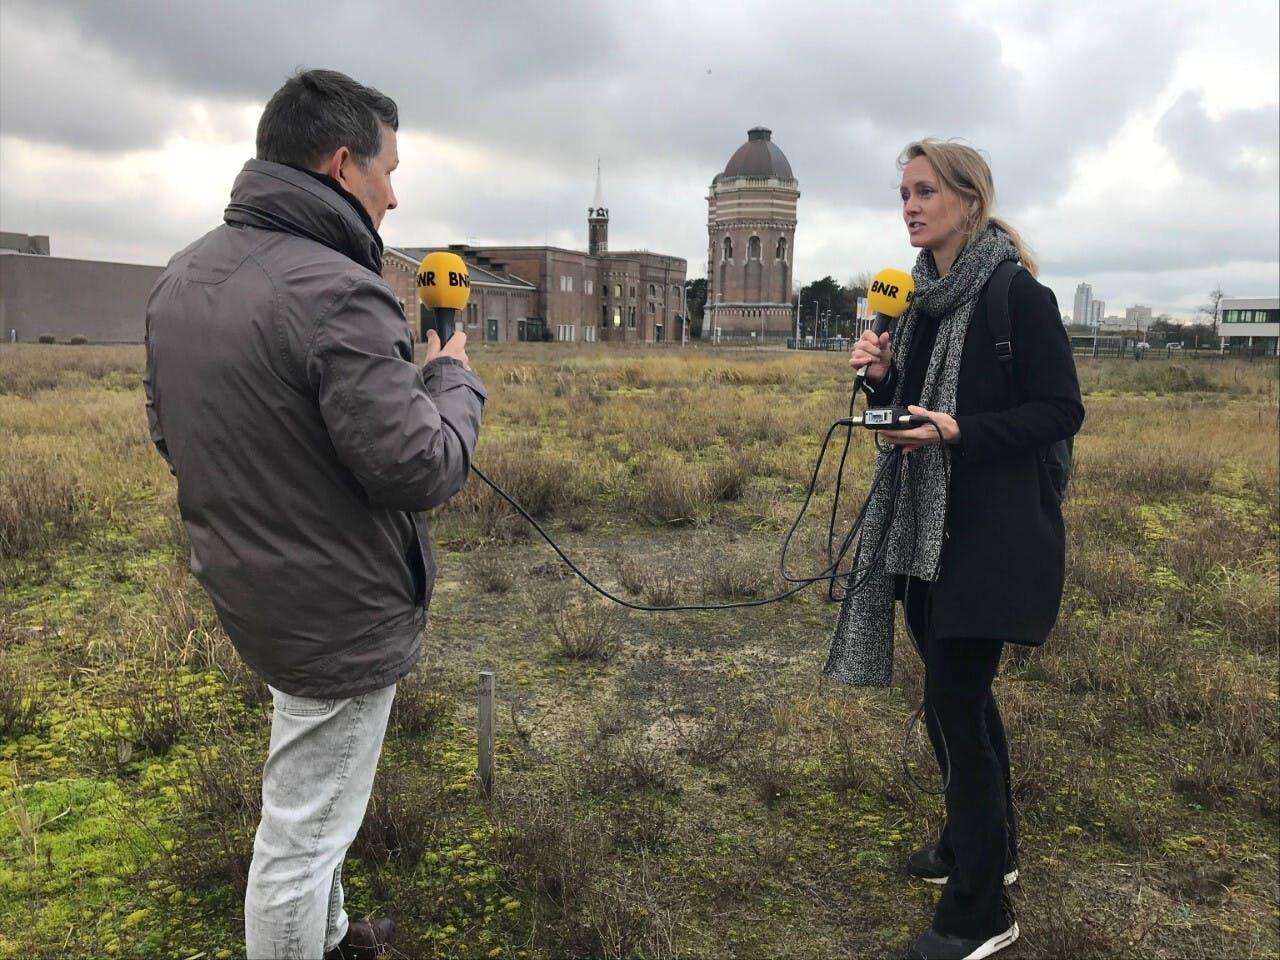 Drinkwaterbedrijf Dunea wil gebruik maken van meerdere bronnen dichterbij de productielocatie in Scheveningen. Gertjan Zwolsman vertelt over de plannen.